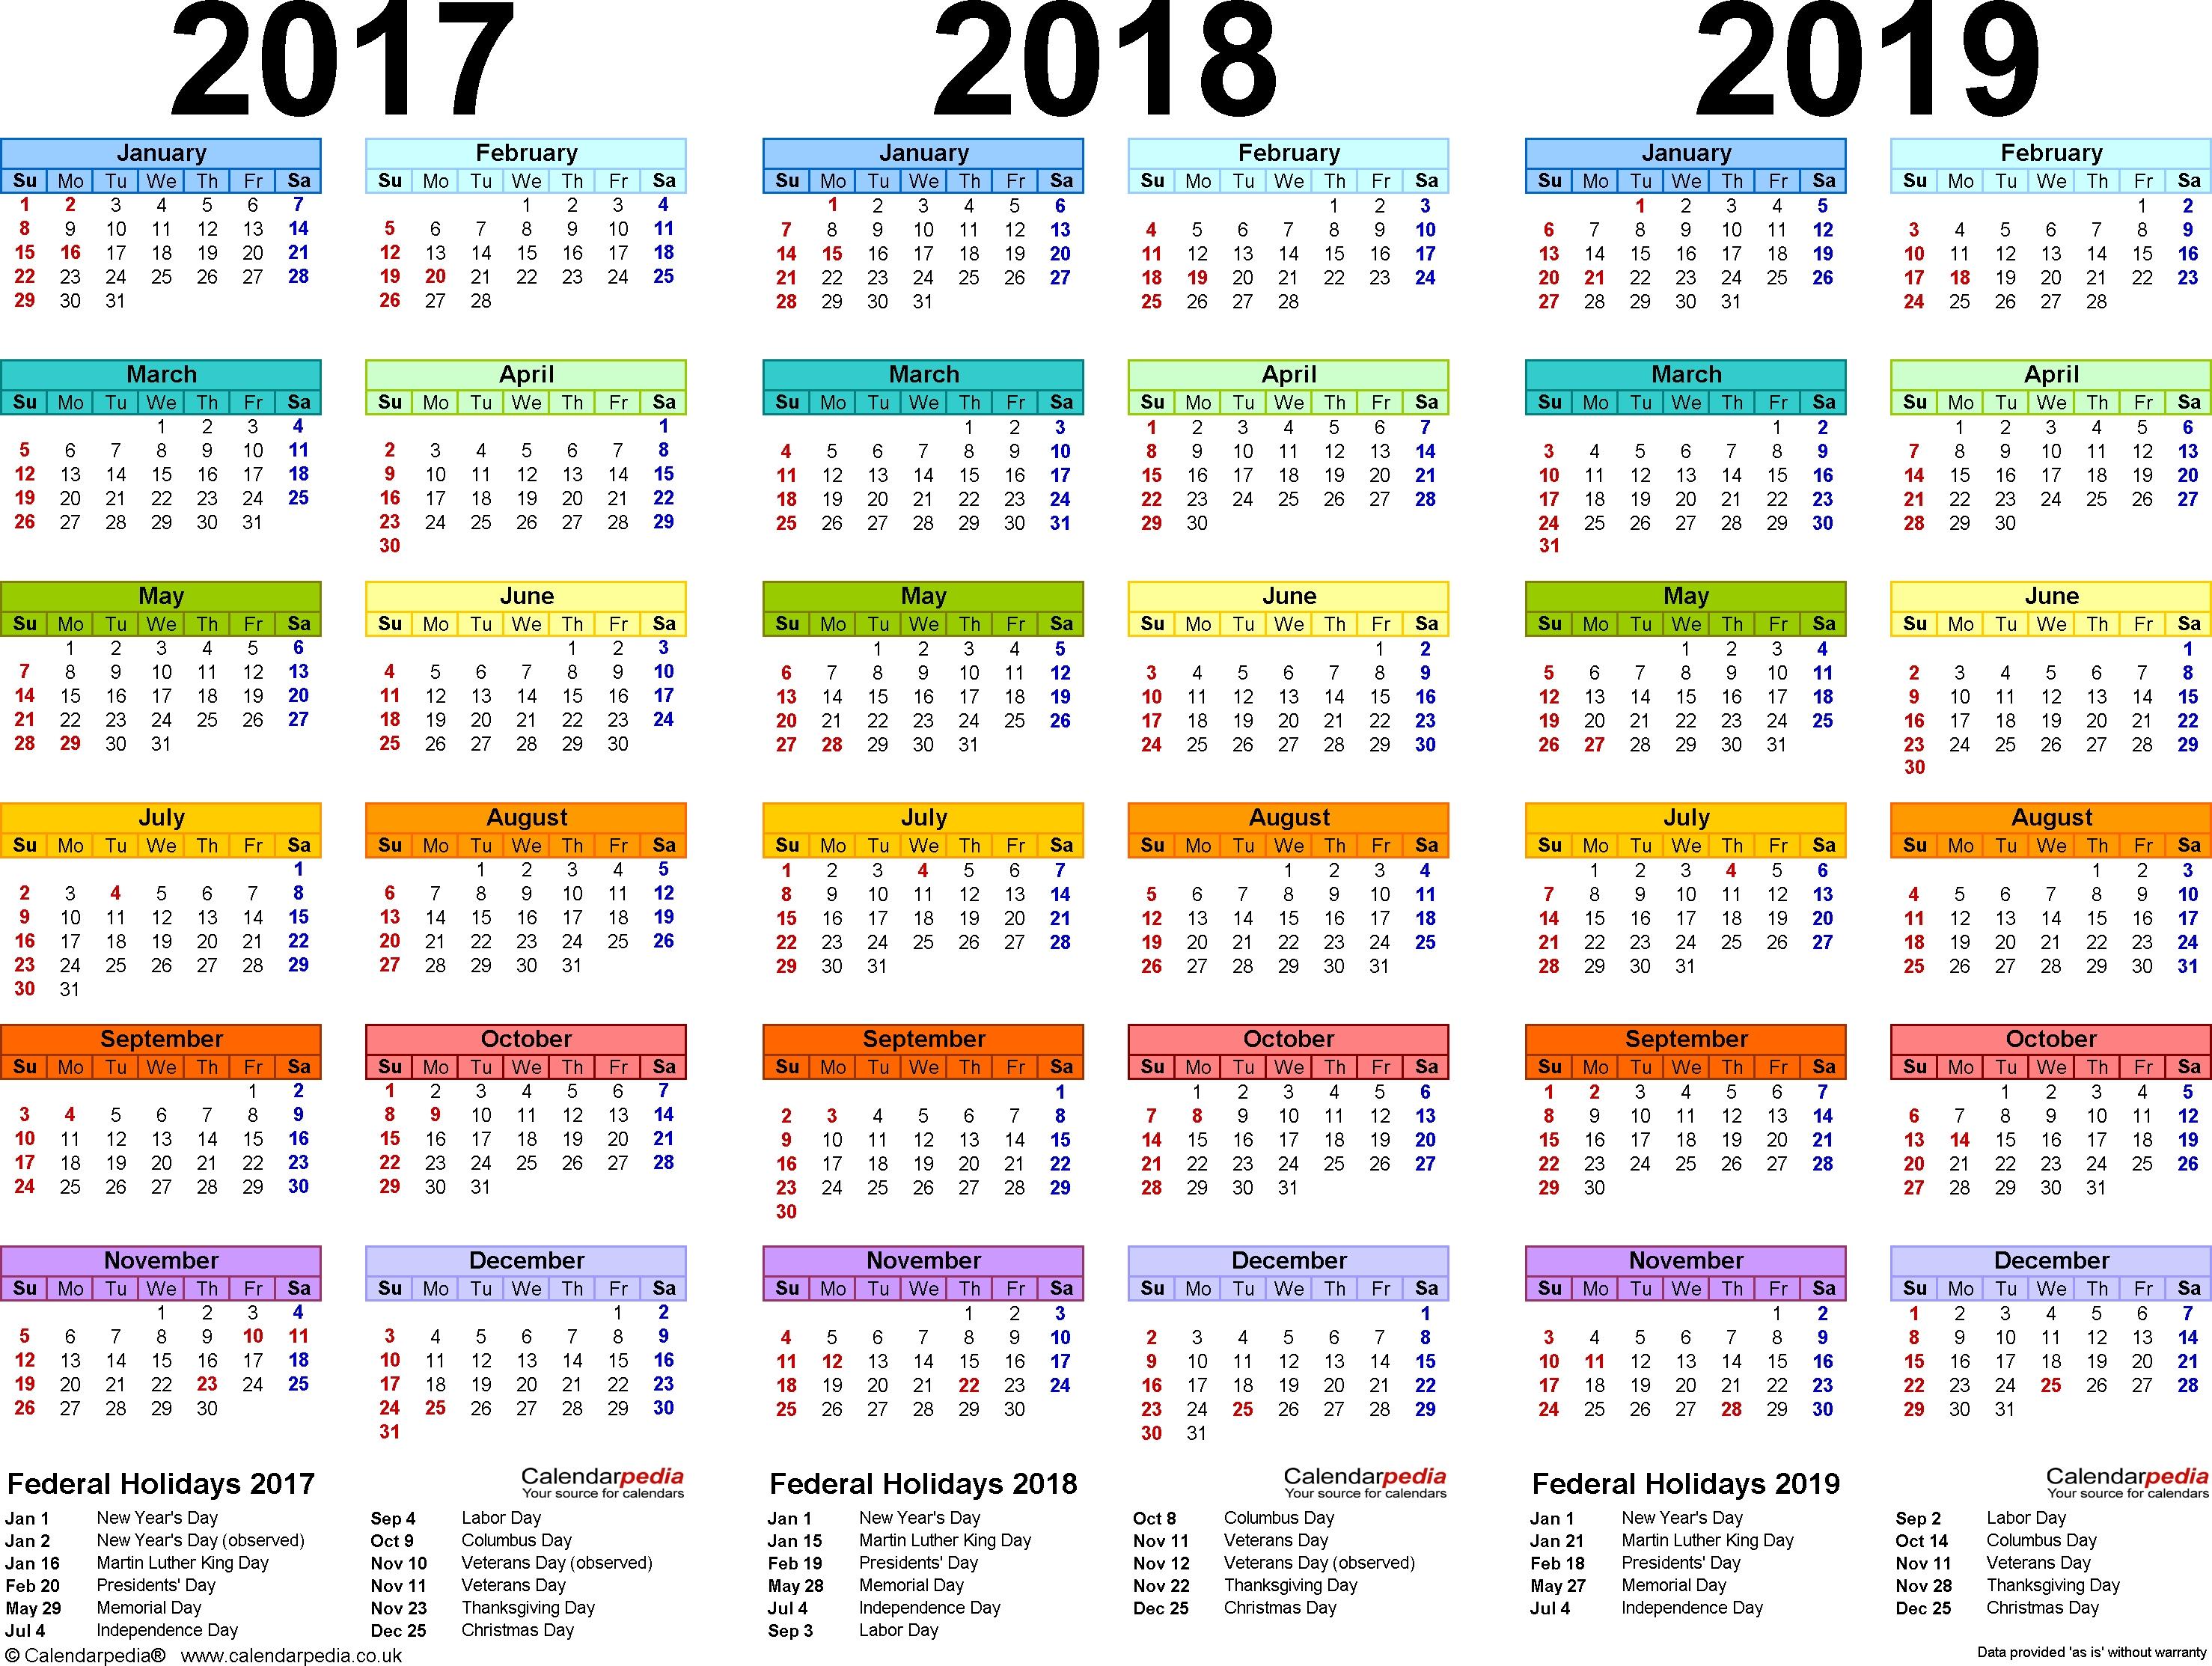 2019 Adp Payroll Calendar Printable | Payroll Calendars